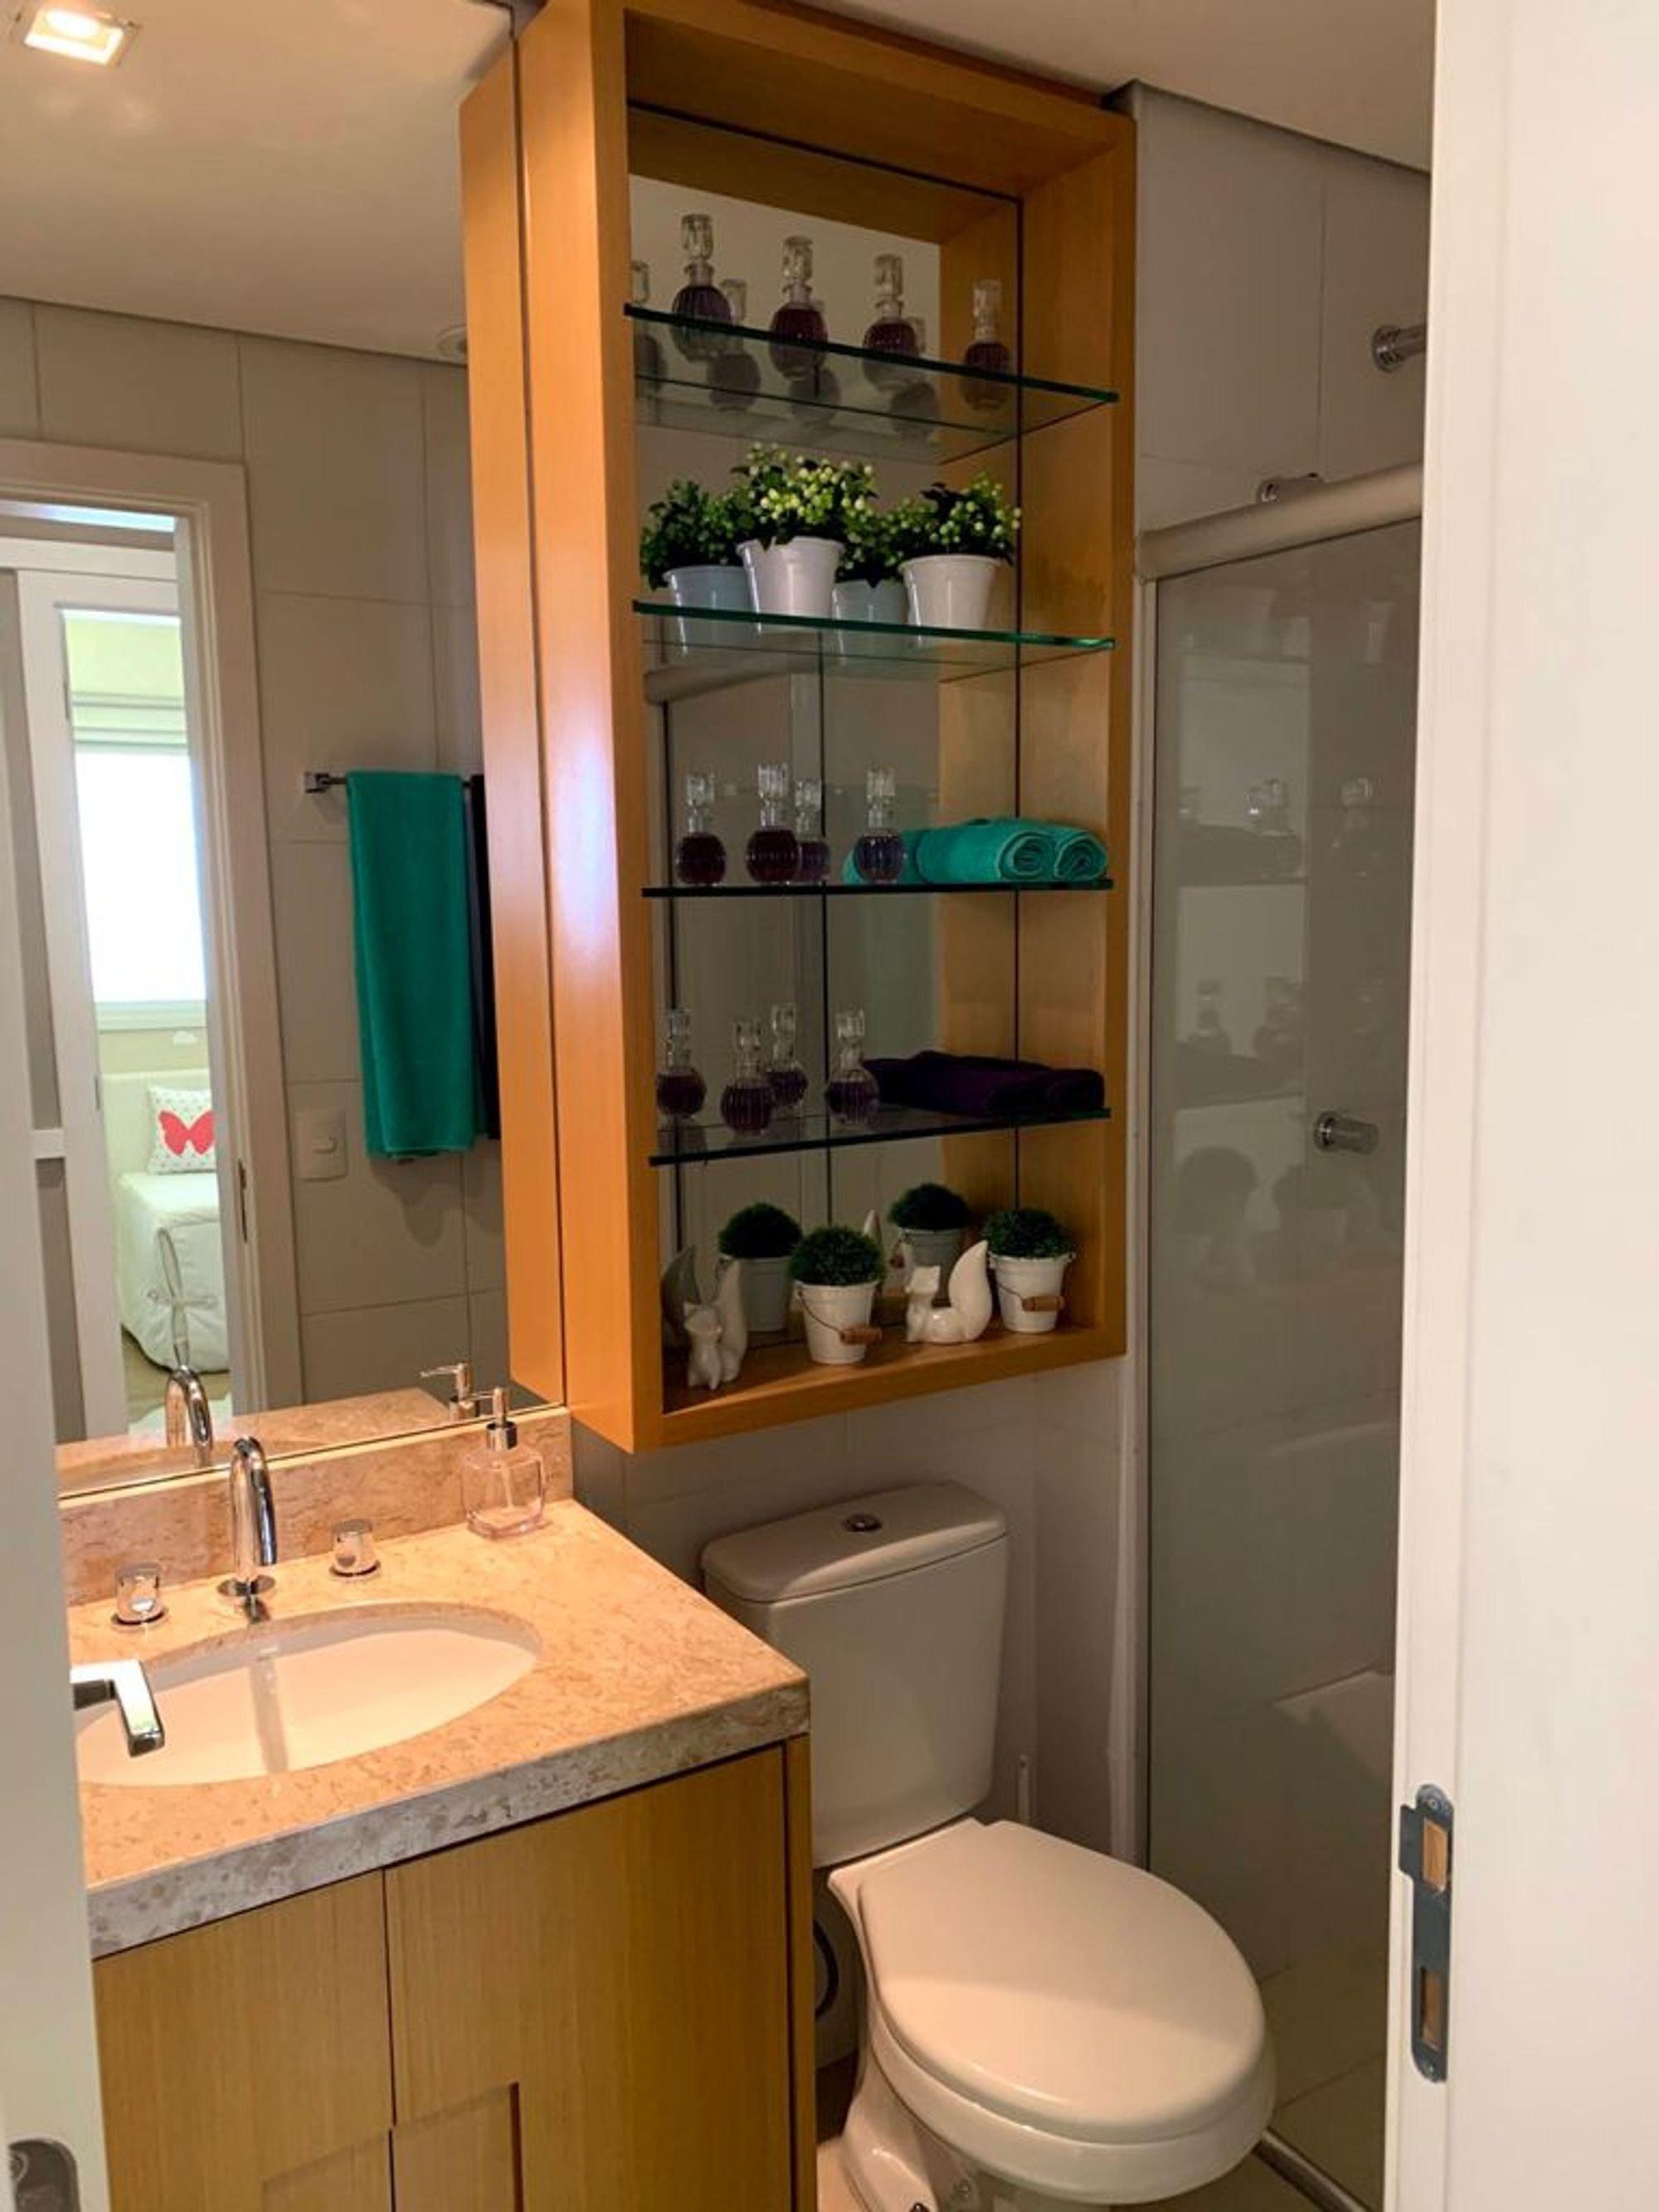 Foto de Banheiro com vaso de planta, cama, copo de vinho, vaso sanitário, pia